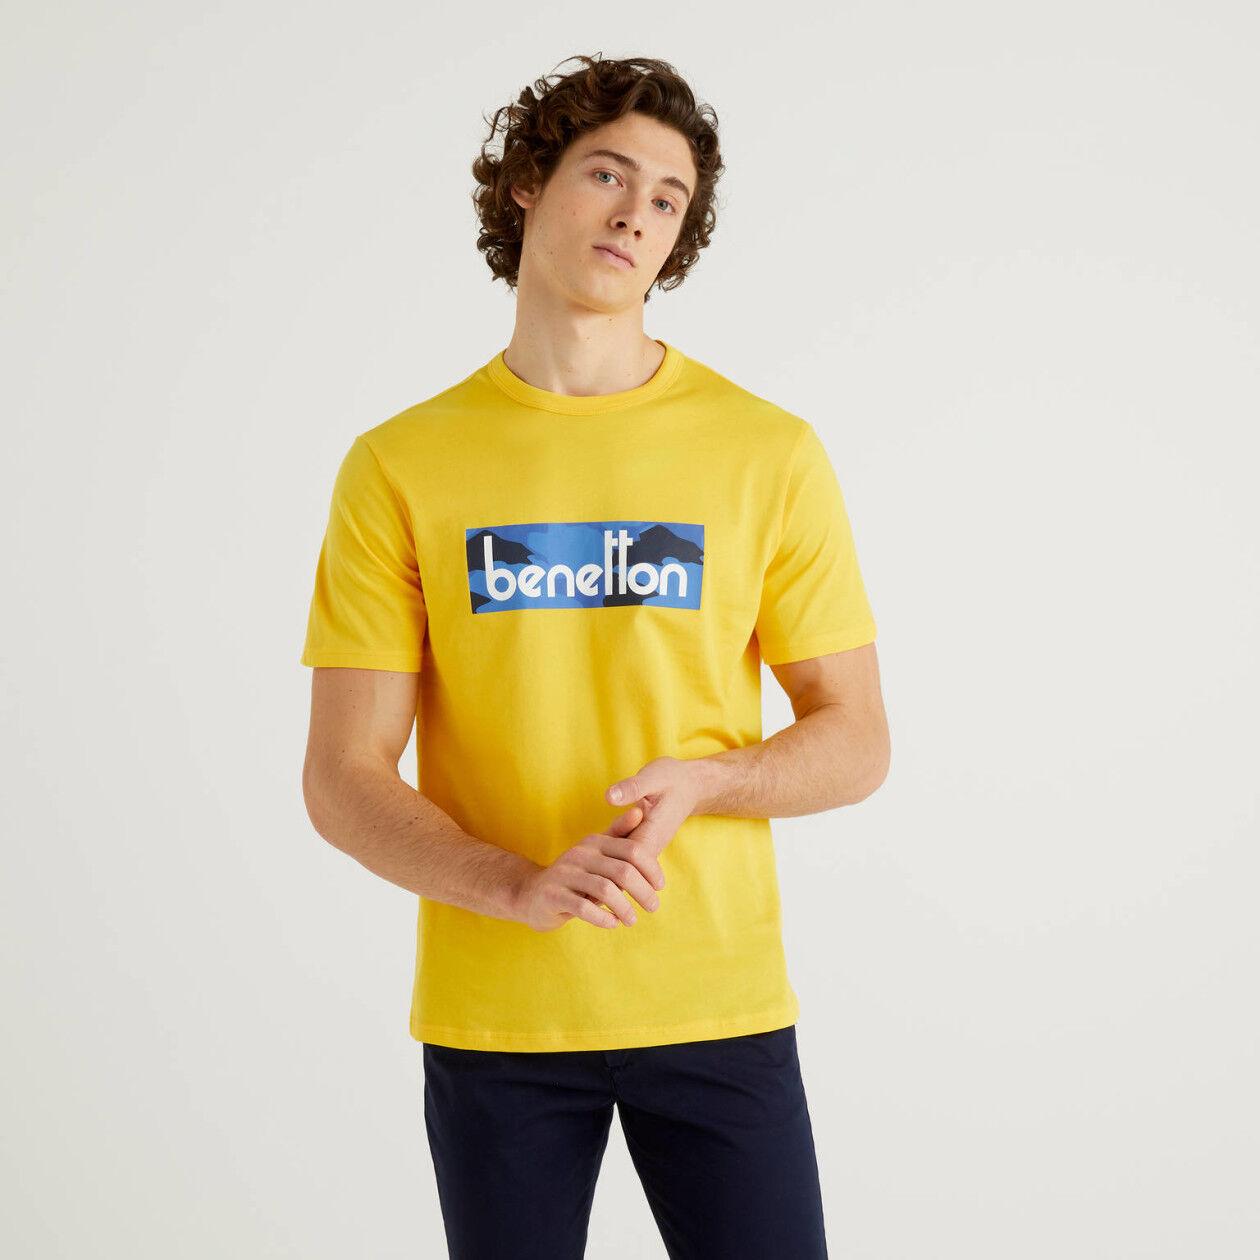 T-shirt amarela com estampa logo